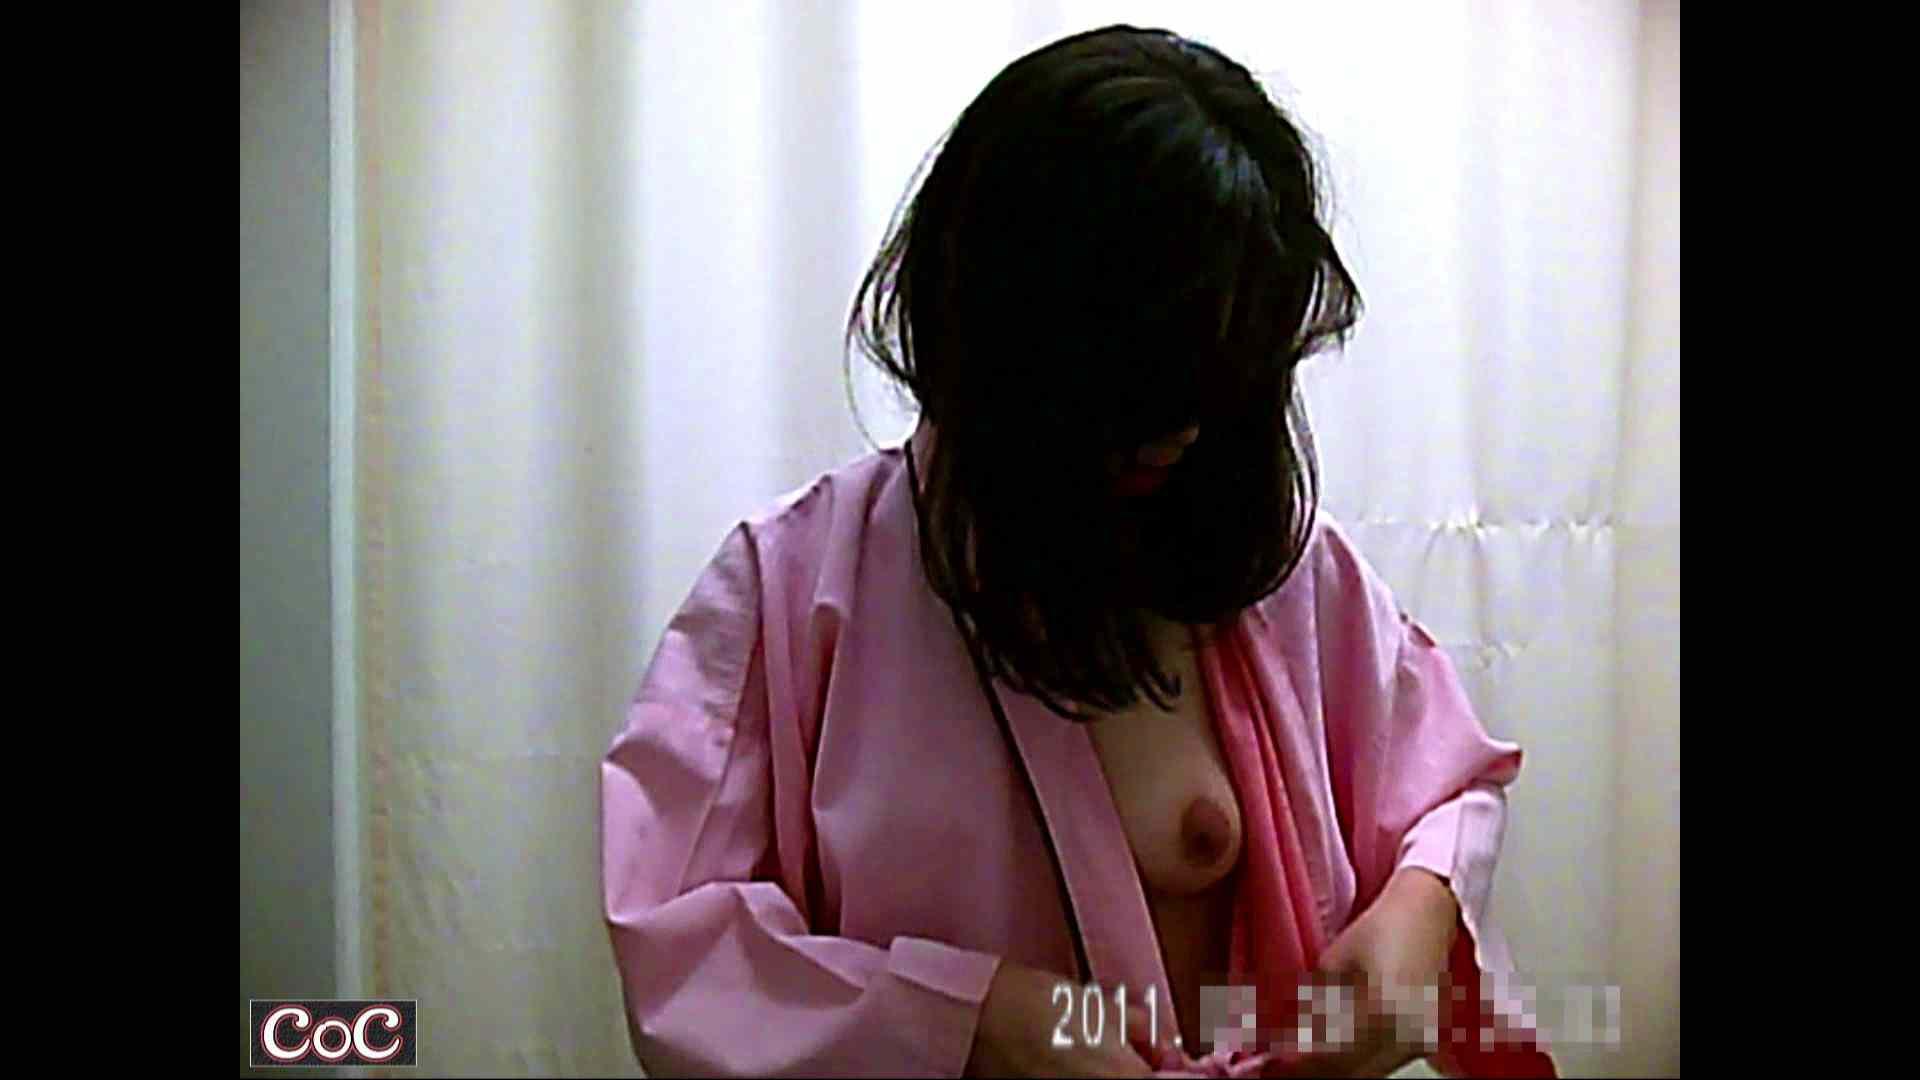 病院おもいっきり着替え! vol.41 巨乳 オマンコ動画キャプチャ 104pic 26